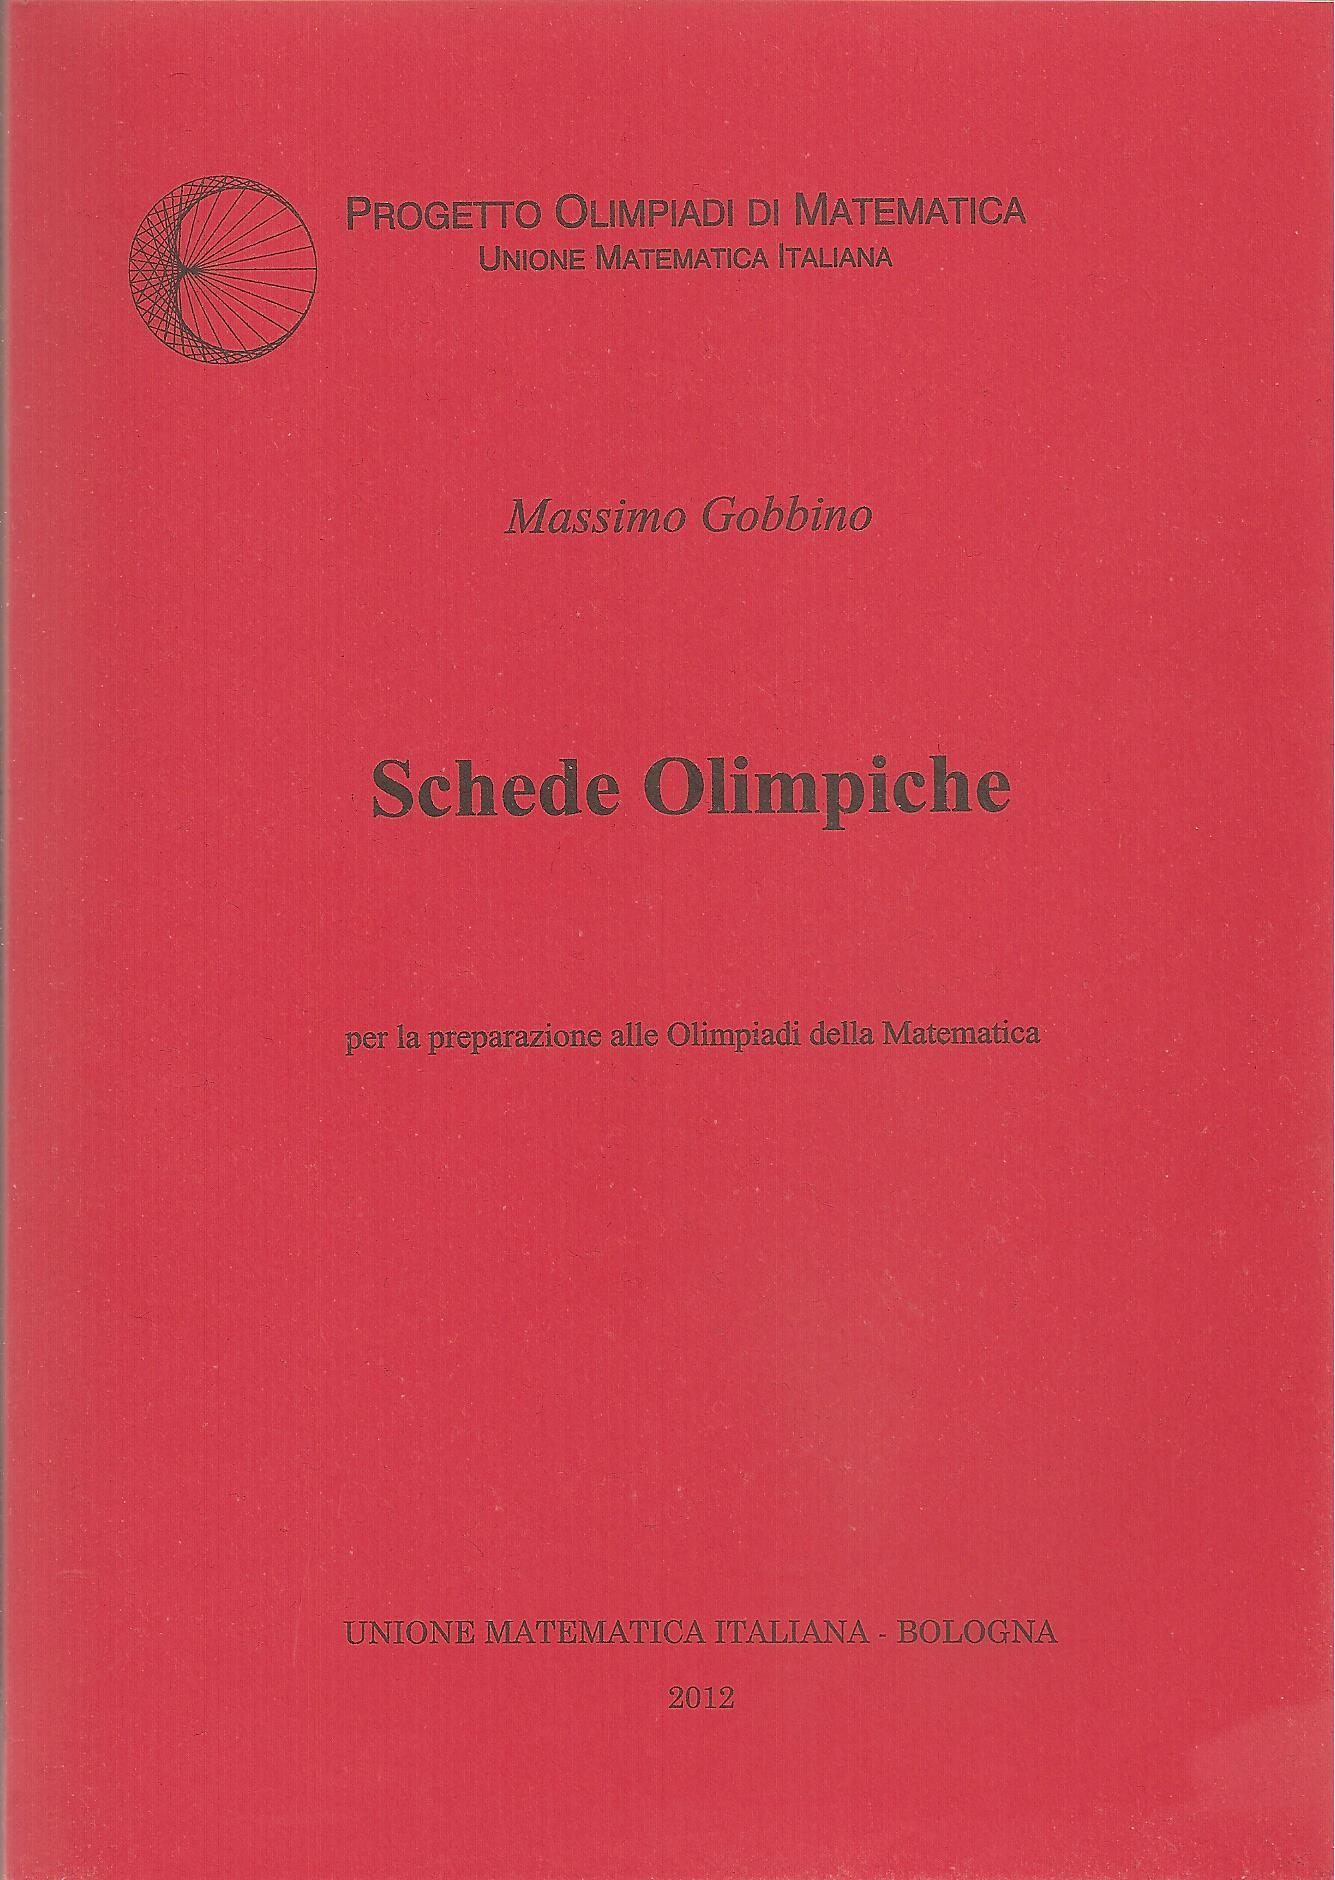 Schede olimpiche